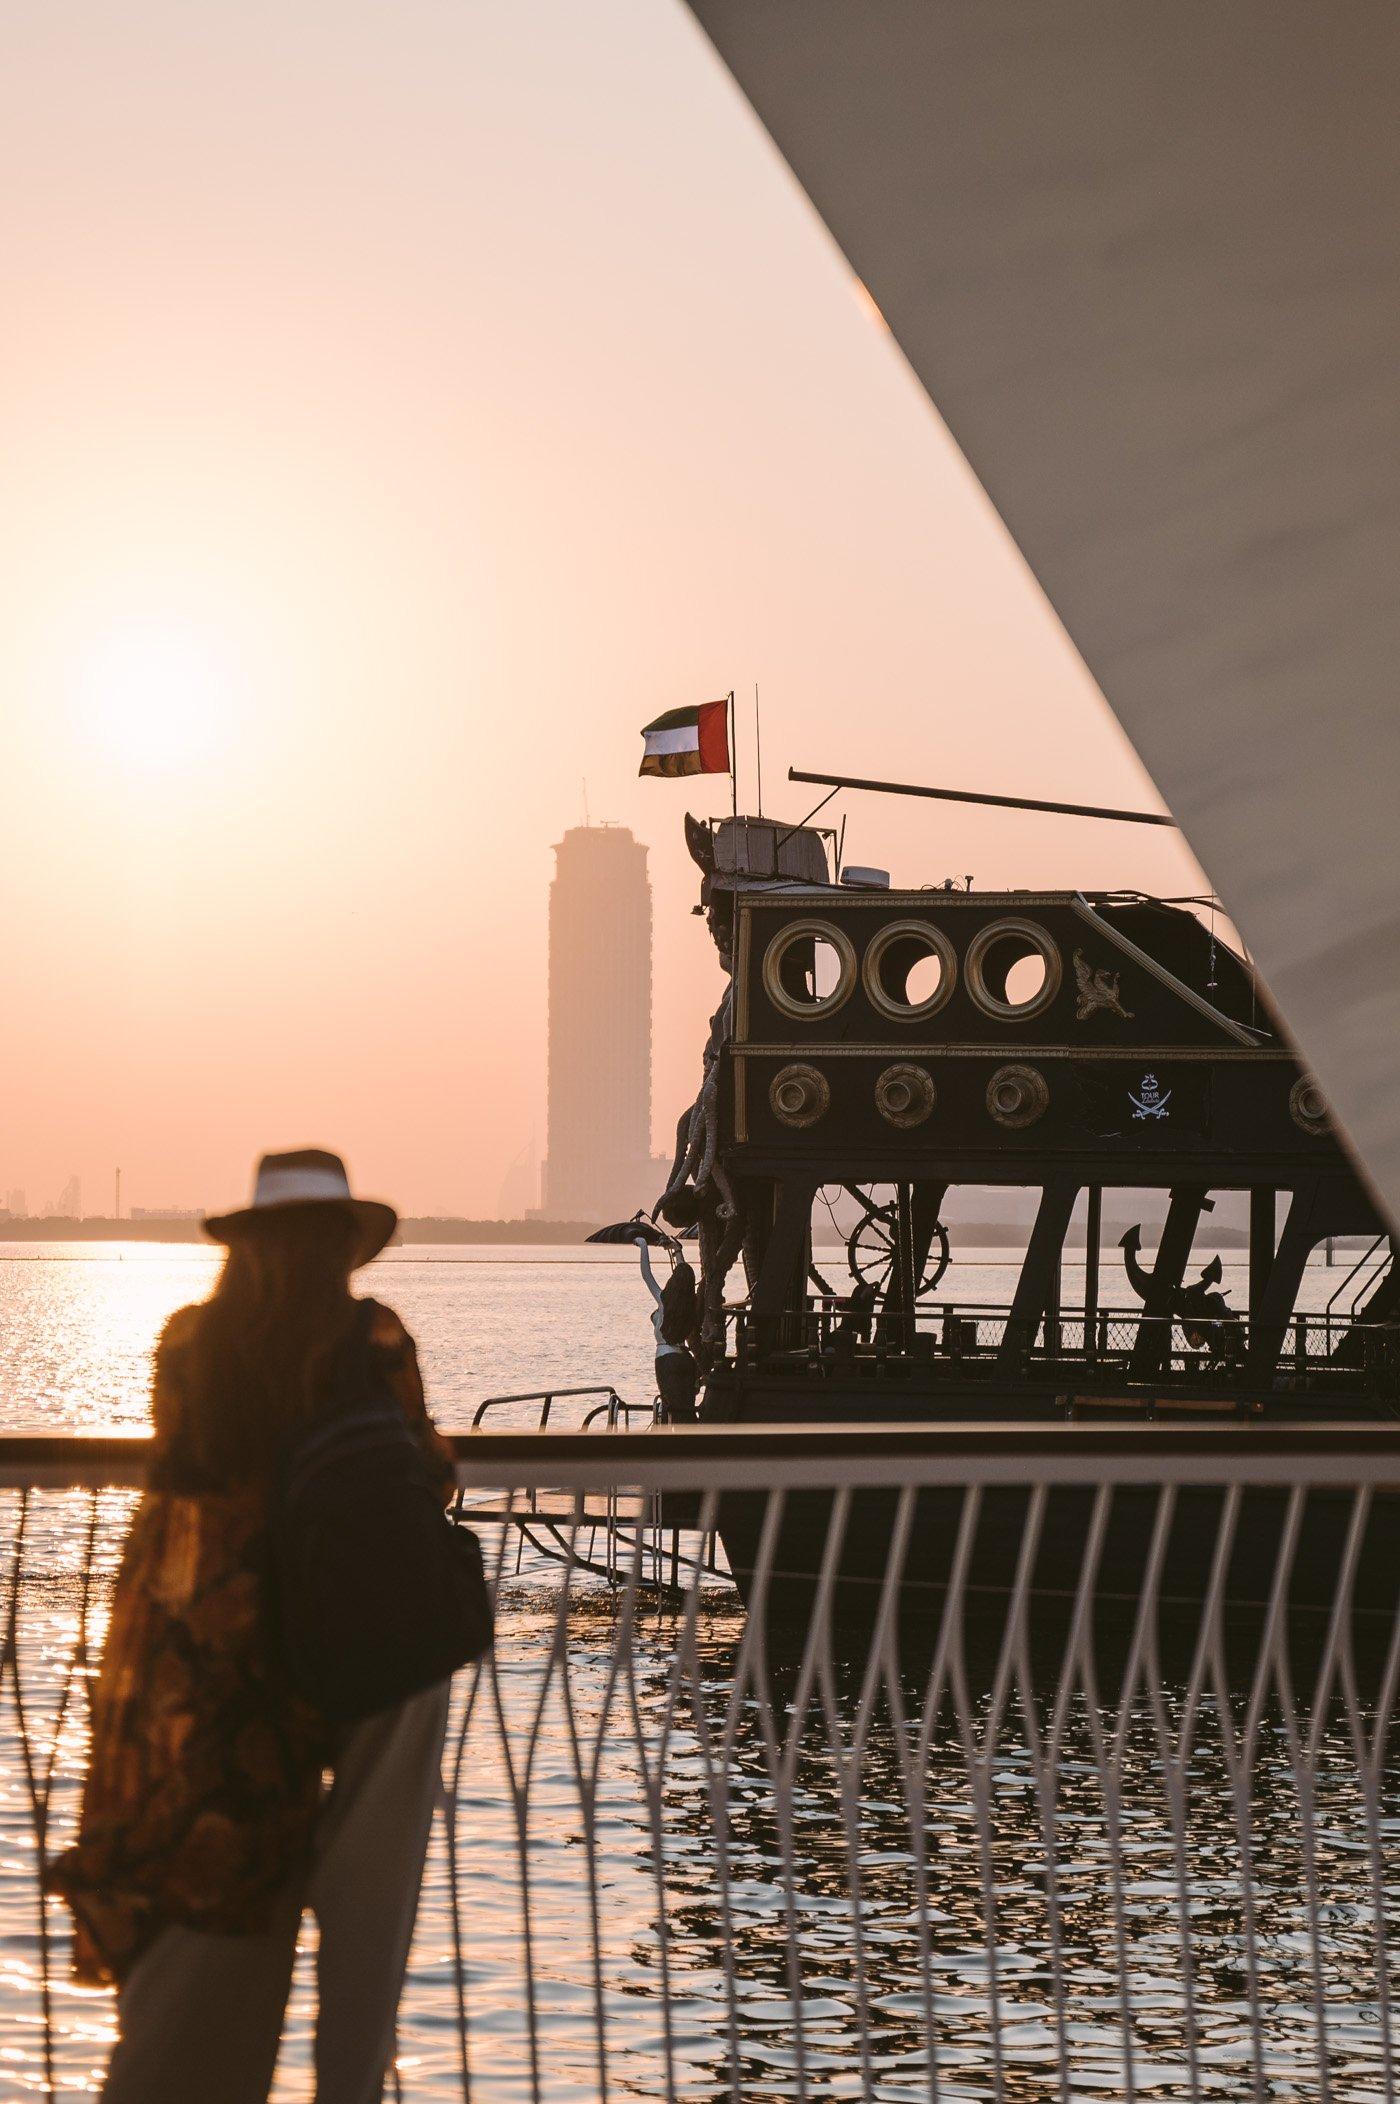 Sunset at Vida Creek Harbour in Dubai